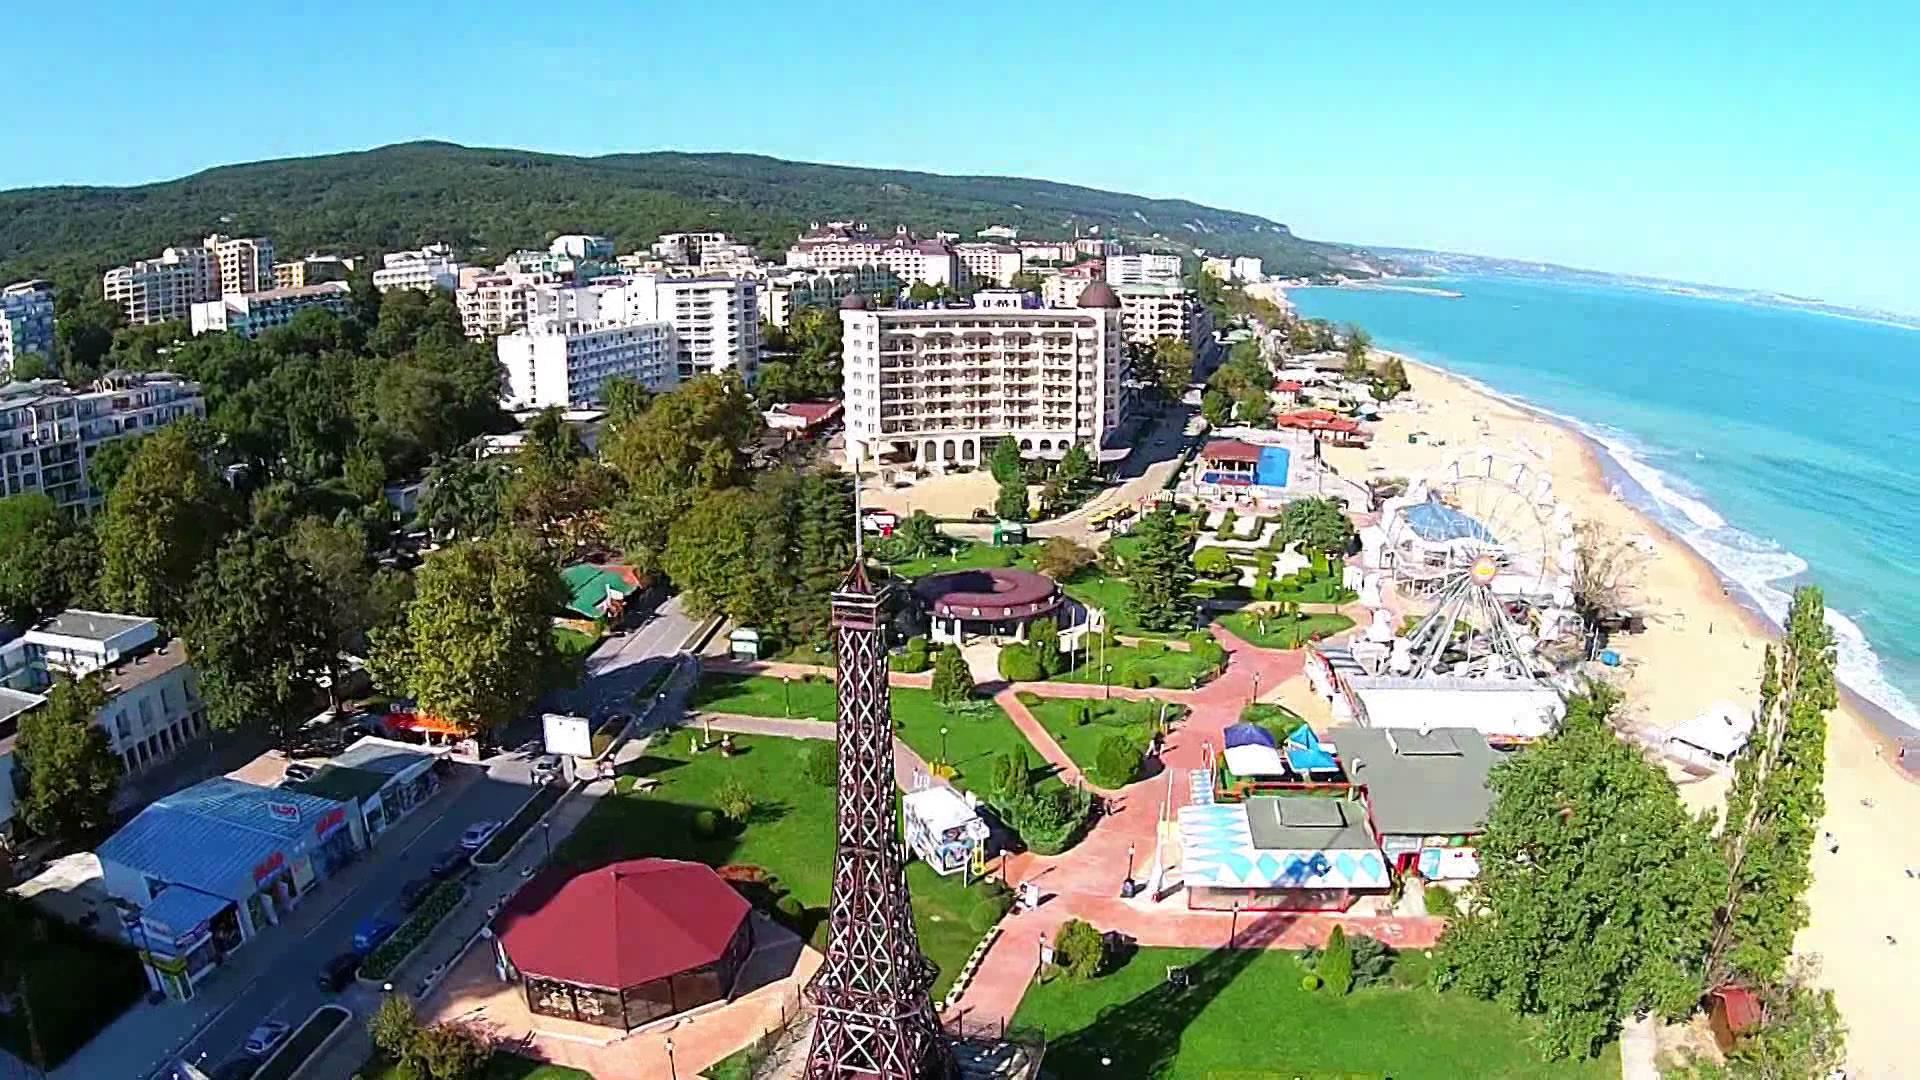 Esperienza bulgara di 3 giorni socatour for Chiave bulgara prezzo